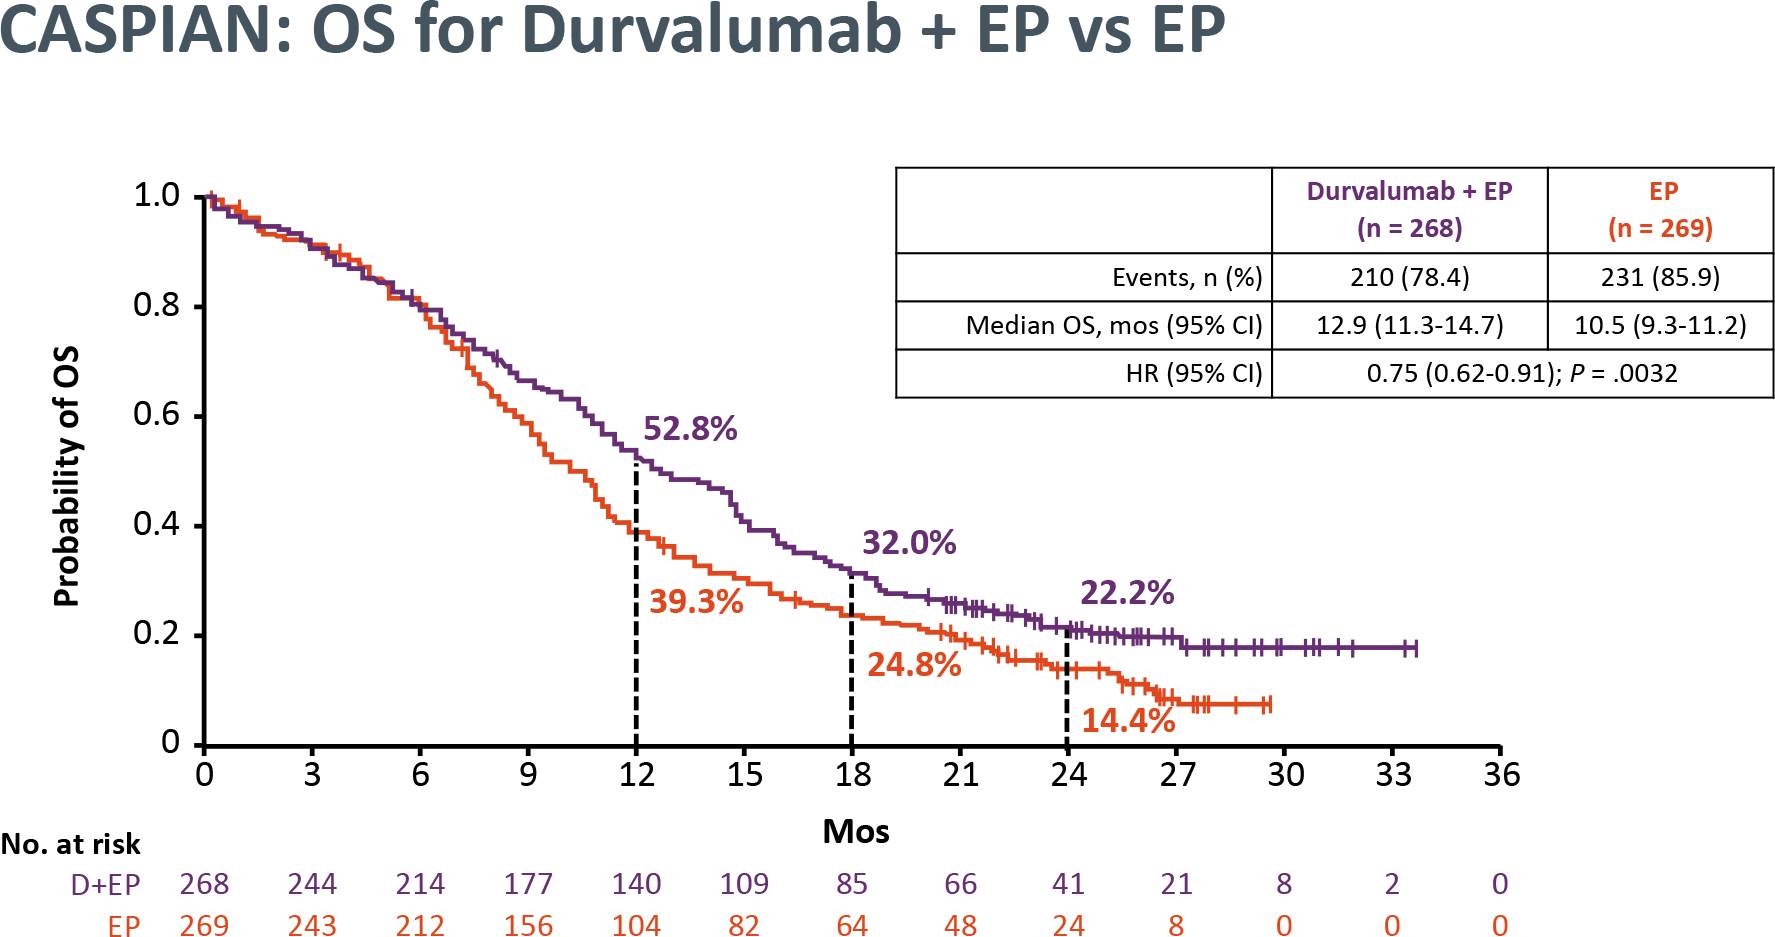 nct03043872 results 03 - «Имфинзи»: первоочередная иммунотерапия мелкоклеточного рака легкого